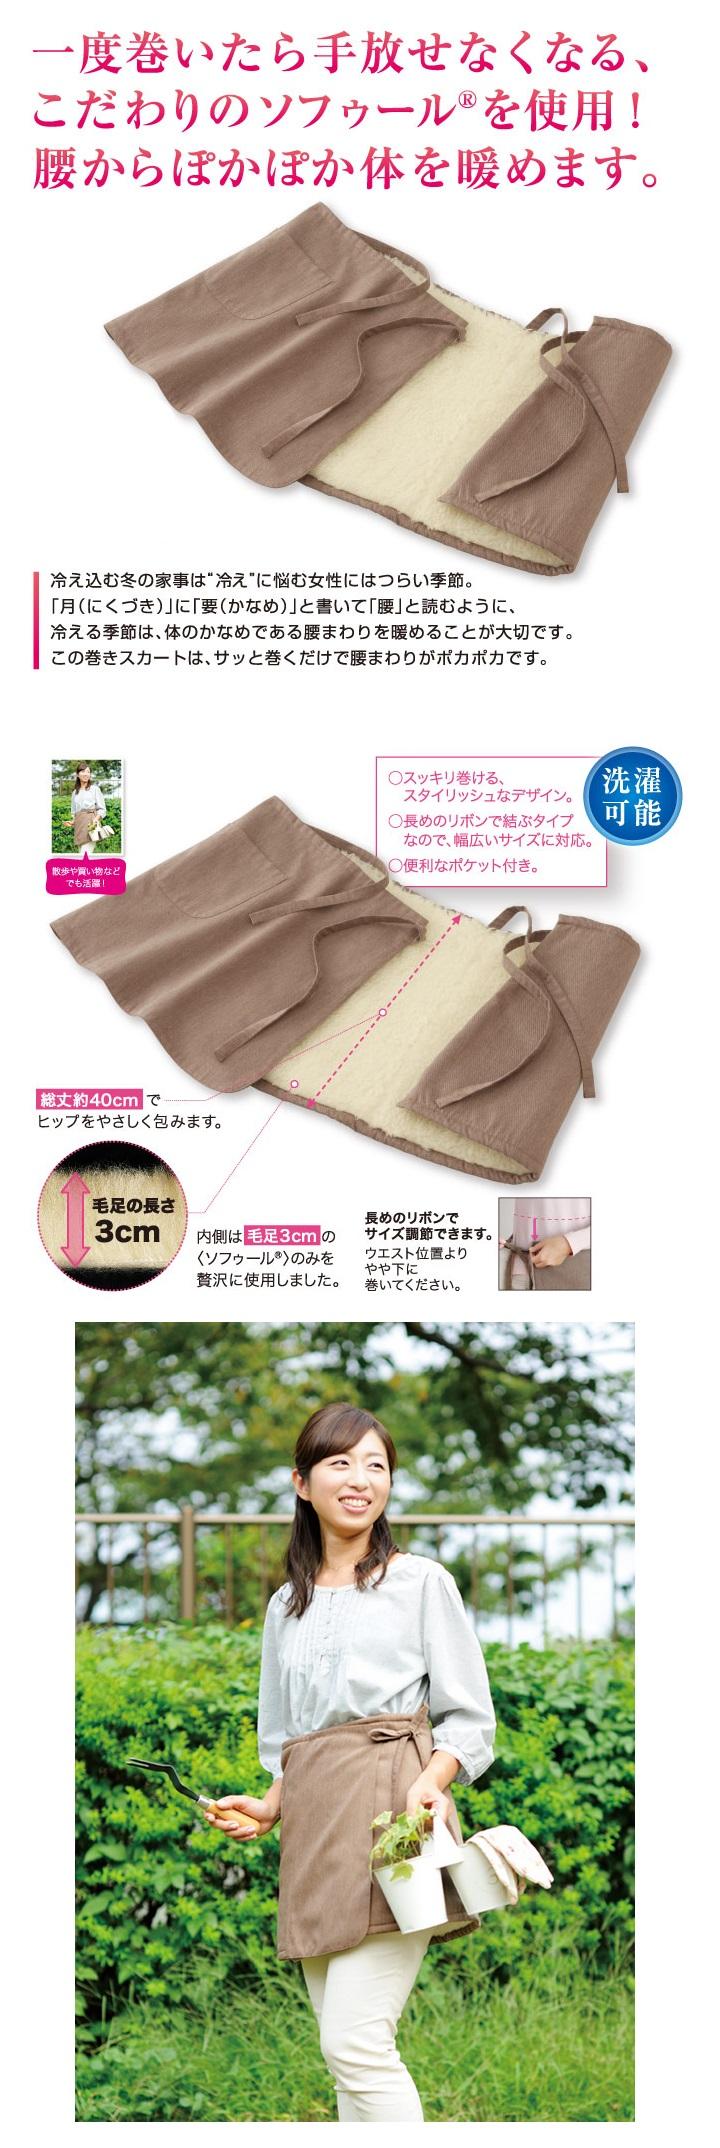 ソフゥール巻きスカート